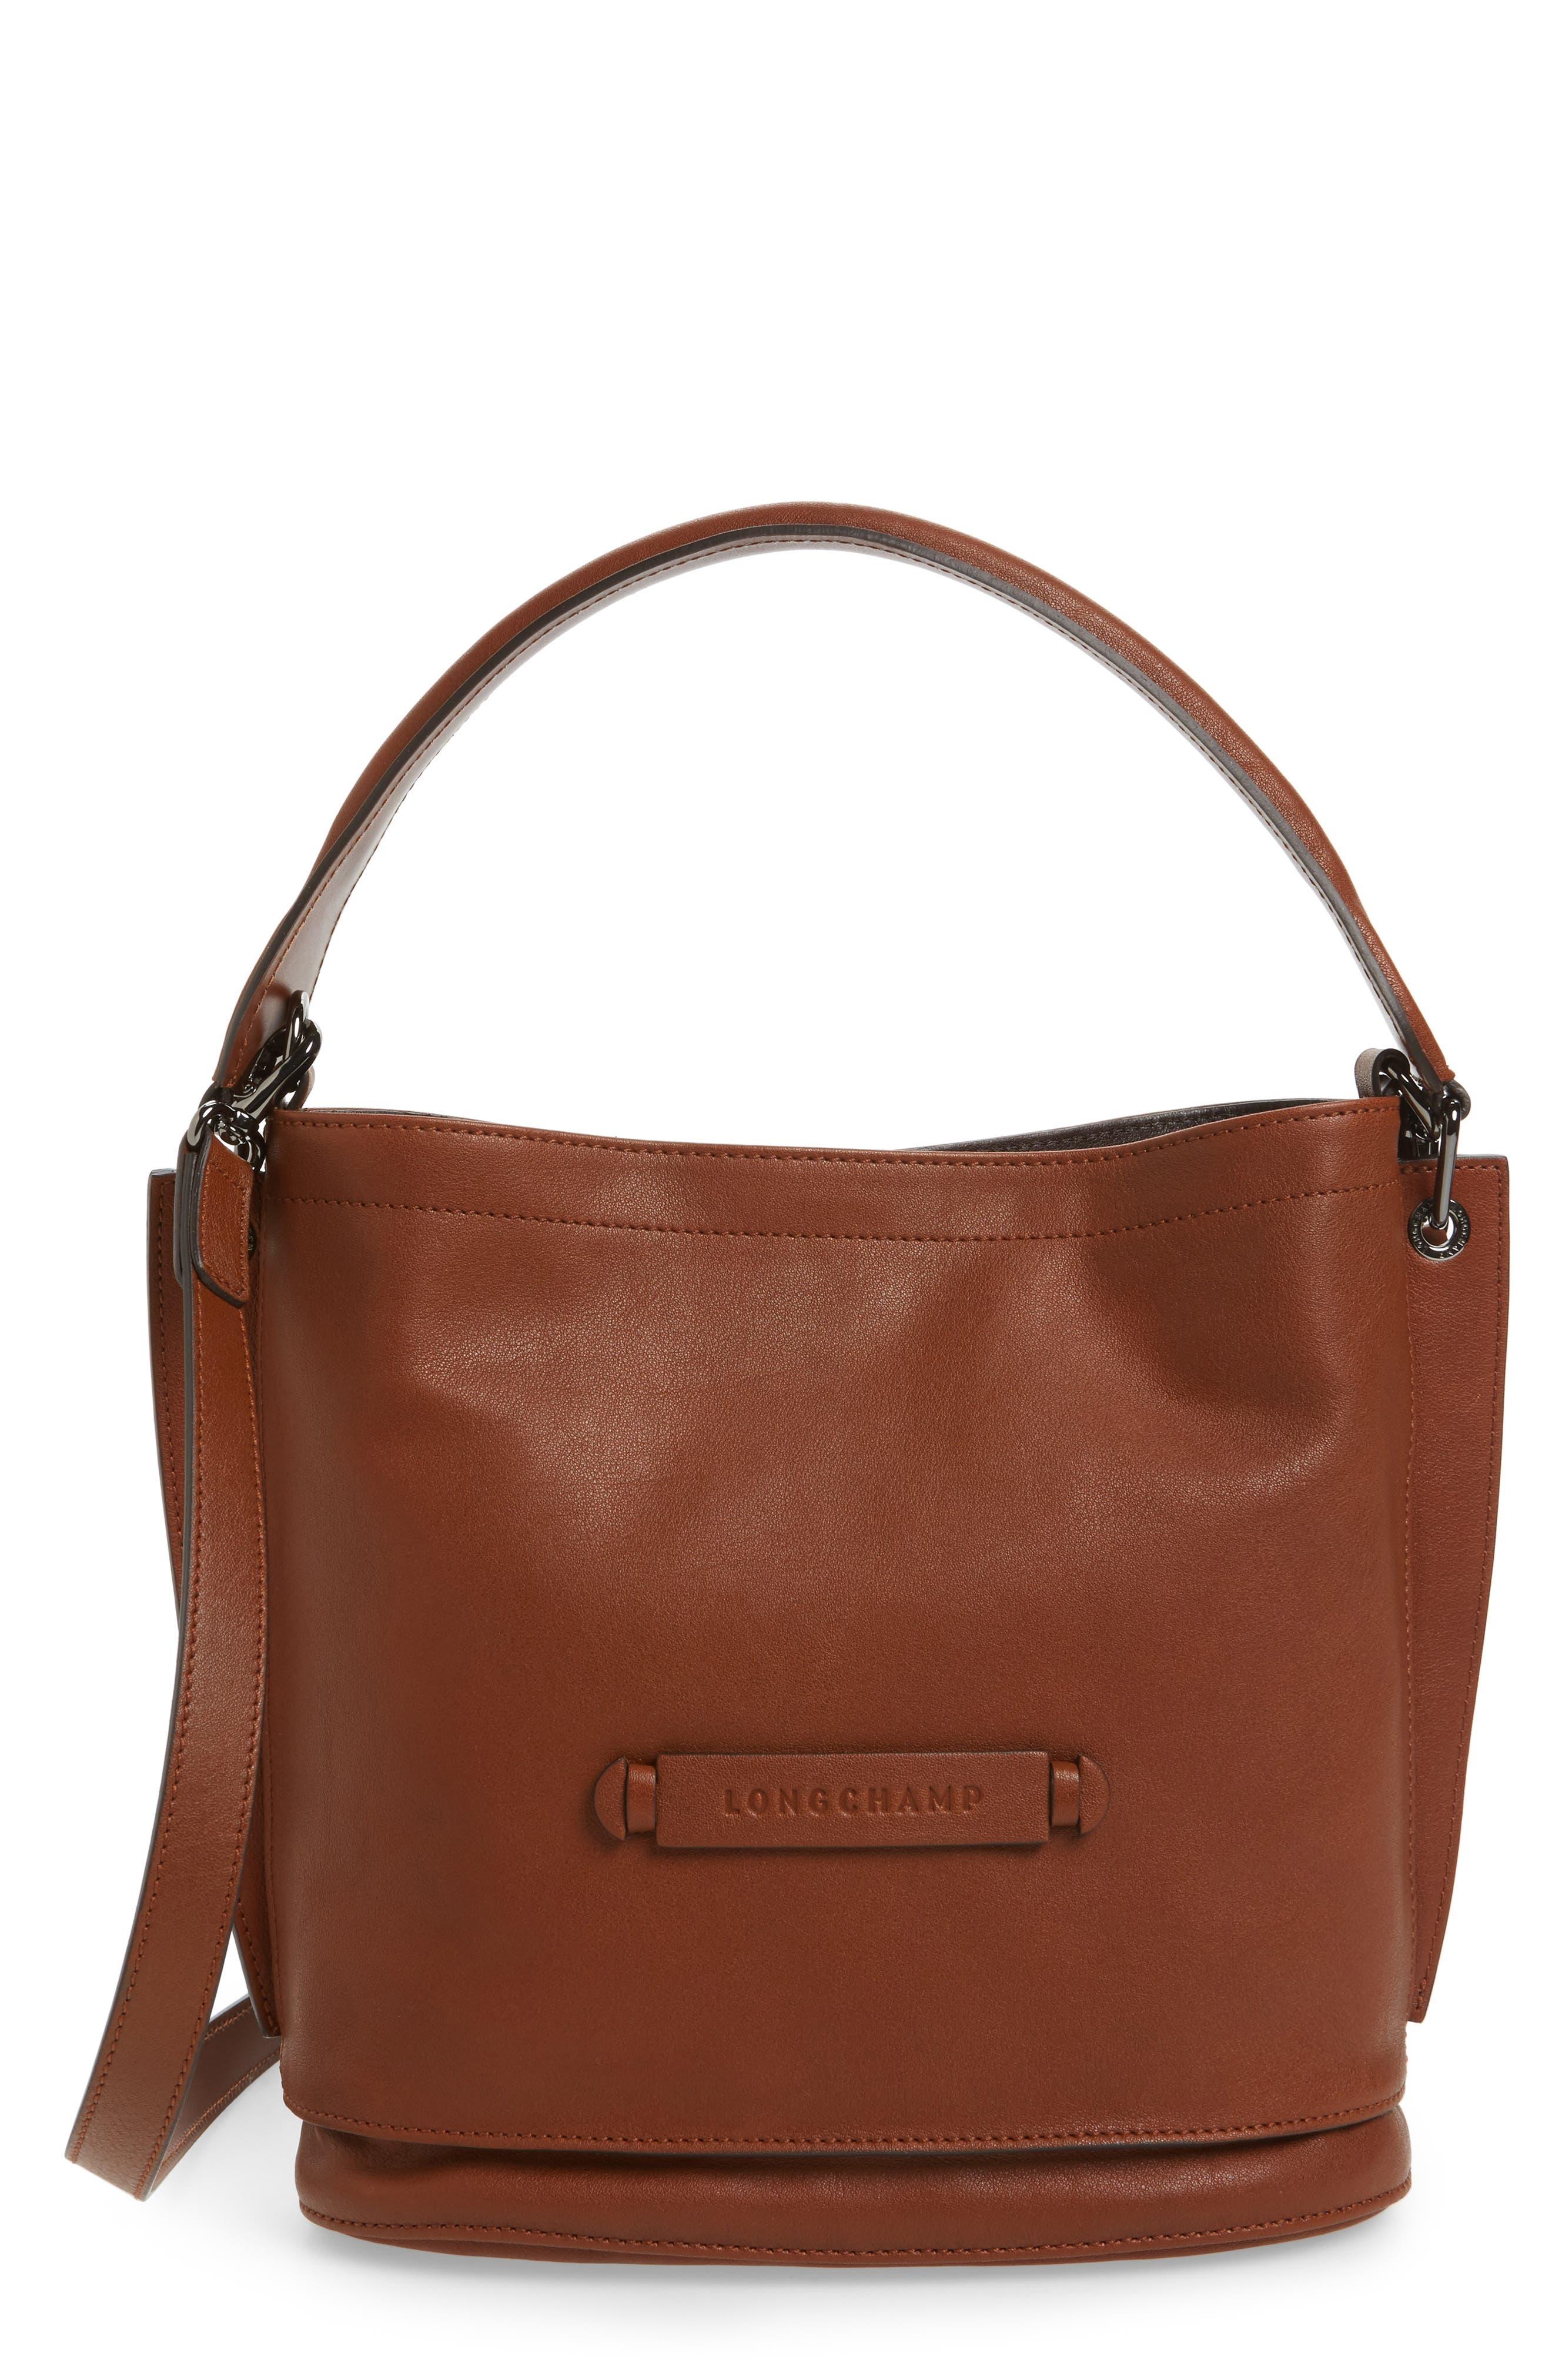 3D Leather Bucket Bag,                             Main thumbnail 1, color,                             COGNAC